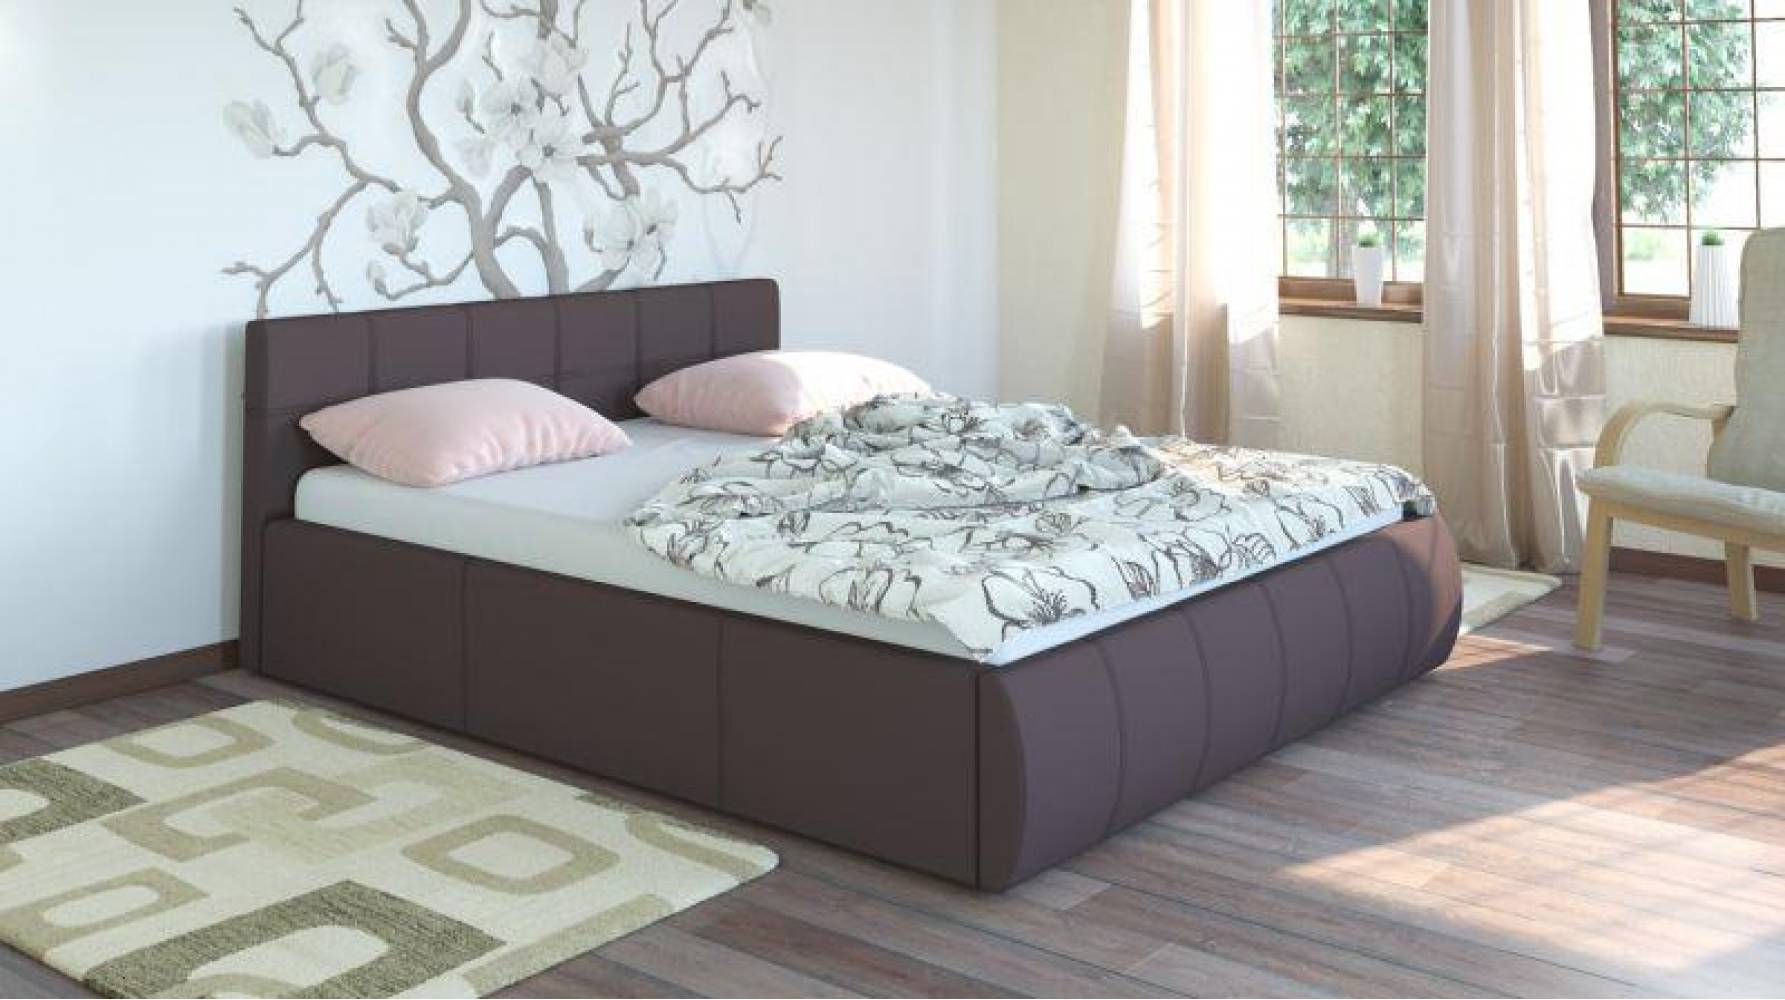 Кровать 1600 с подъемным механизмом АФИНА (Гранд Шоколад) Нижегородмебель